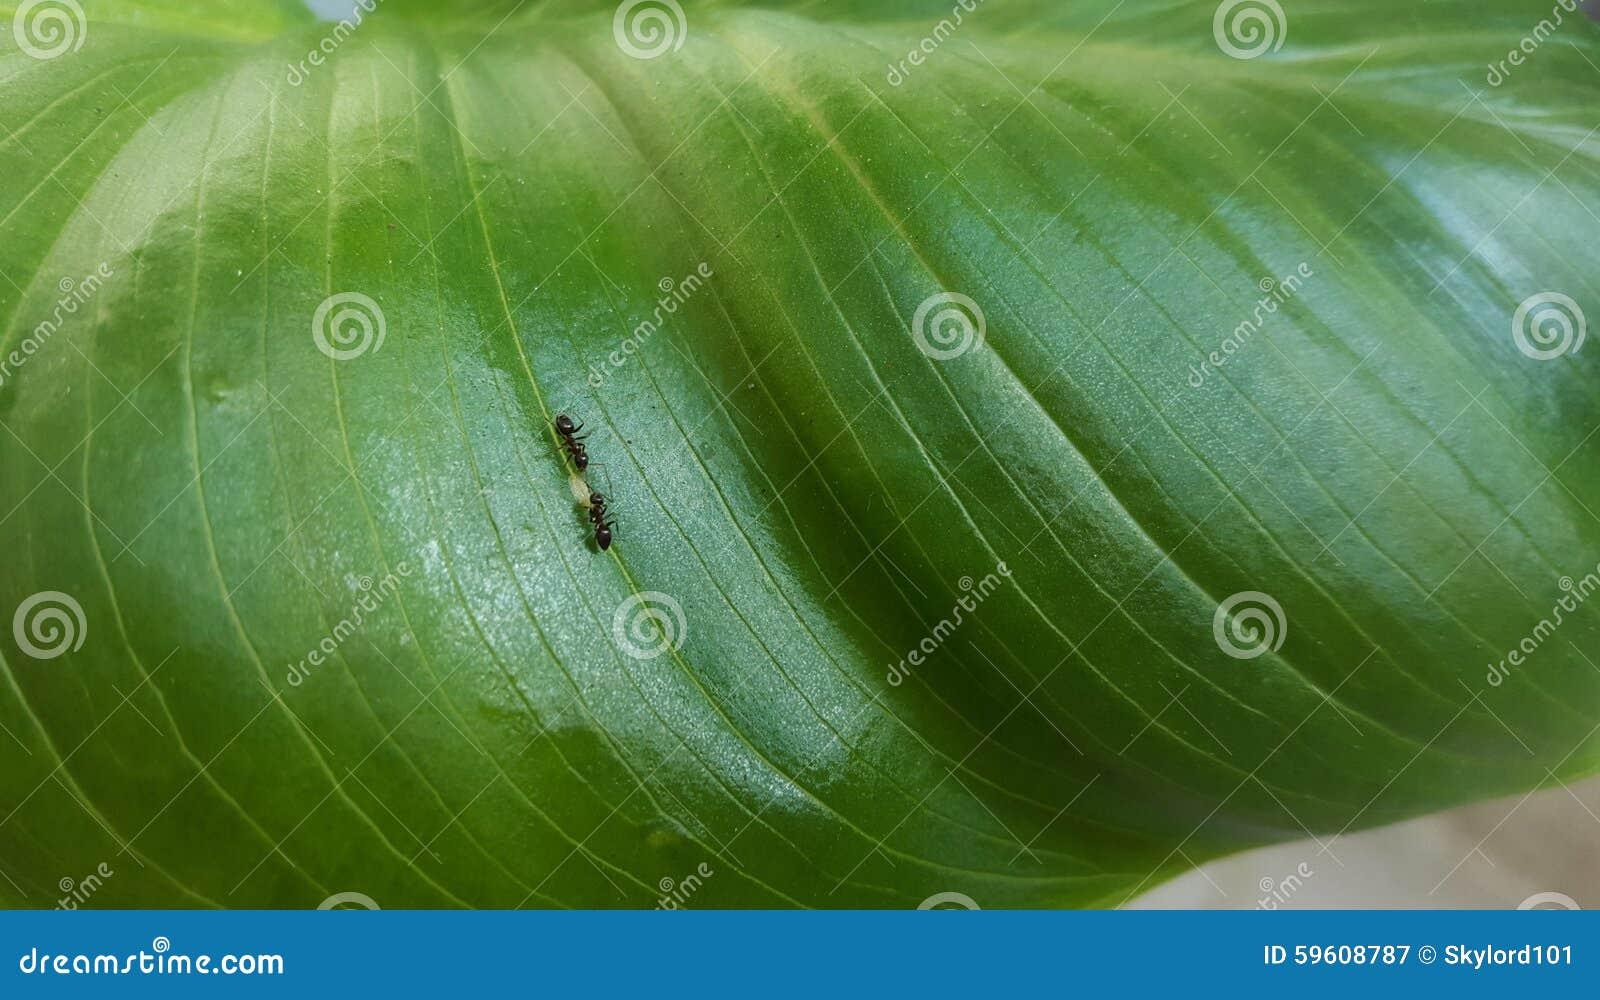 Mrówki Na Kwiacie